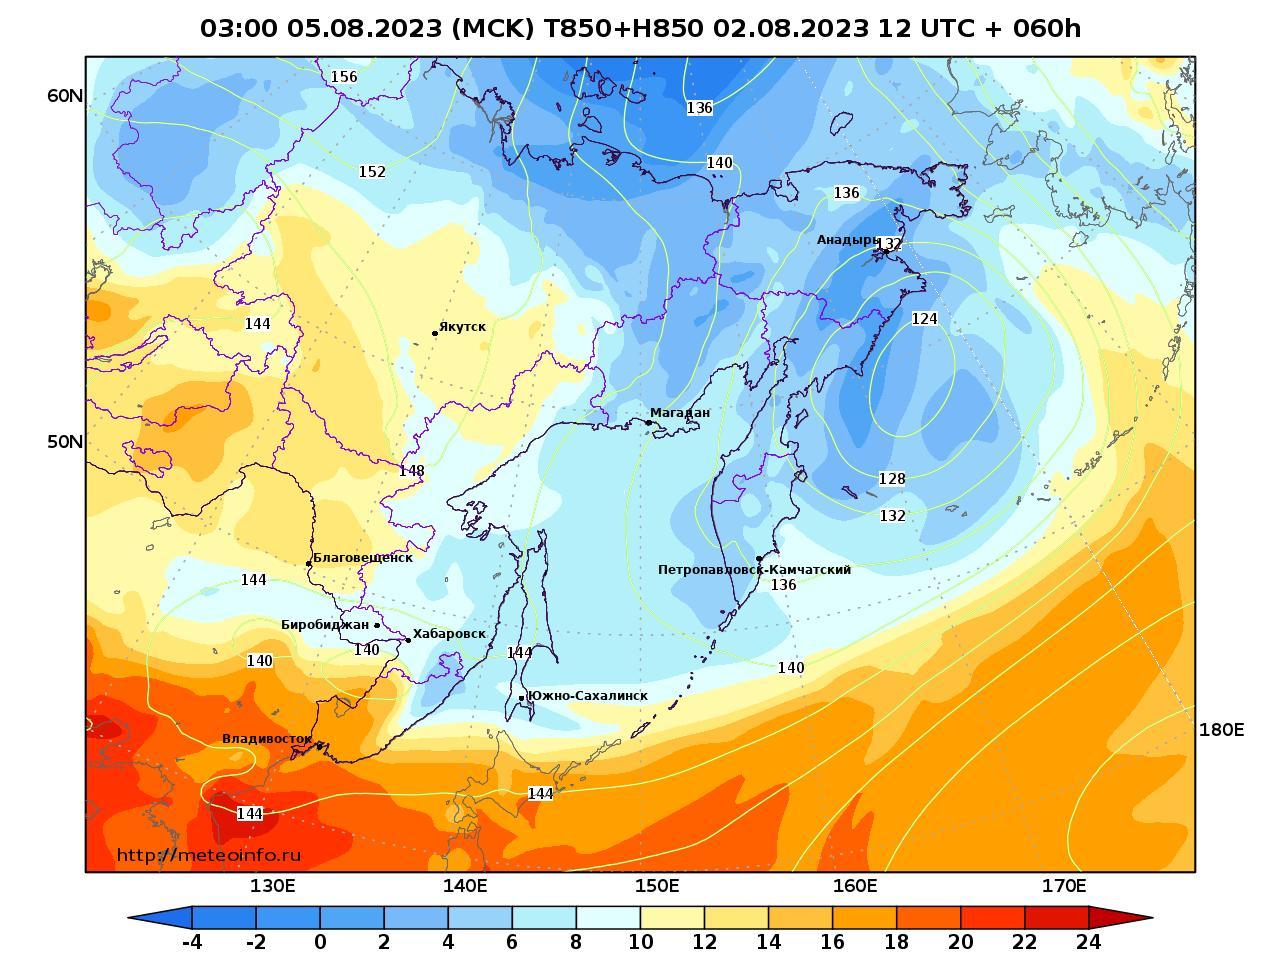 Дальний Восток, прогностическая карта температура T850 и геопотенциал H850, заблаговременность прогноза 60 часов